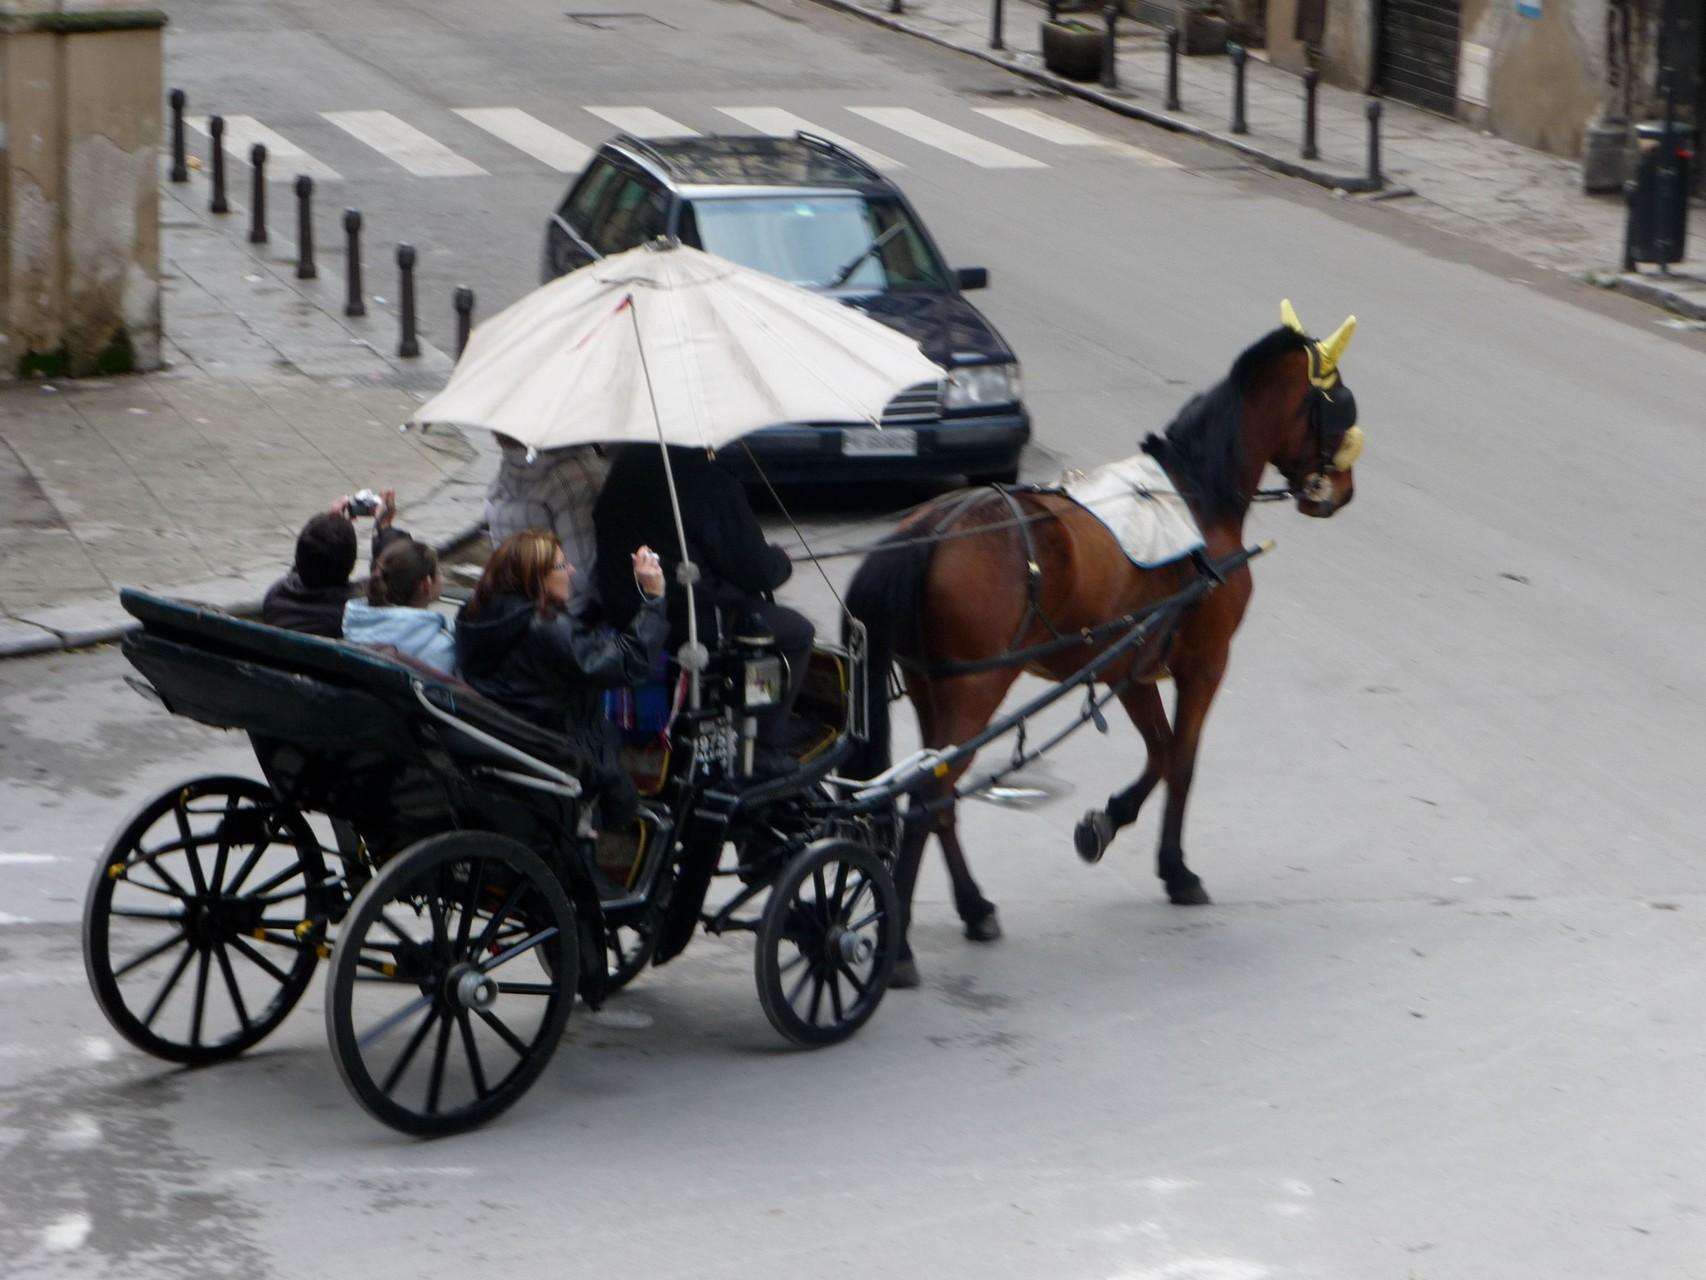 Kutschfahrten finden in Palermo nur zum Vergnügen der Touristen statt.